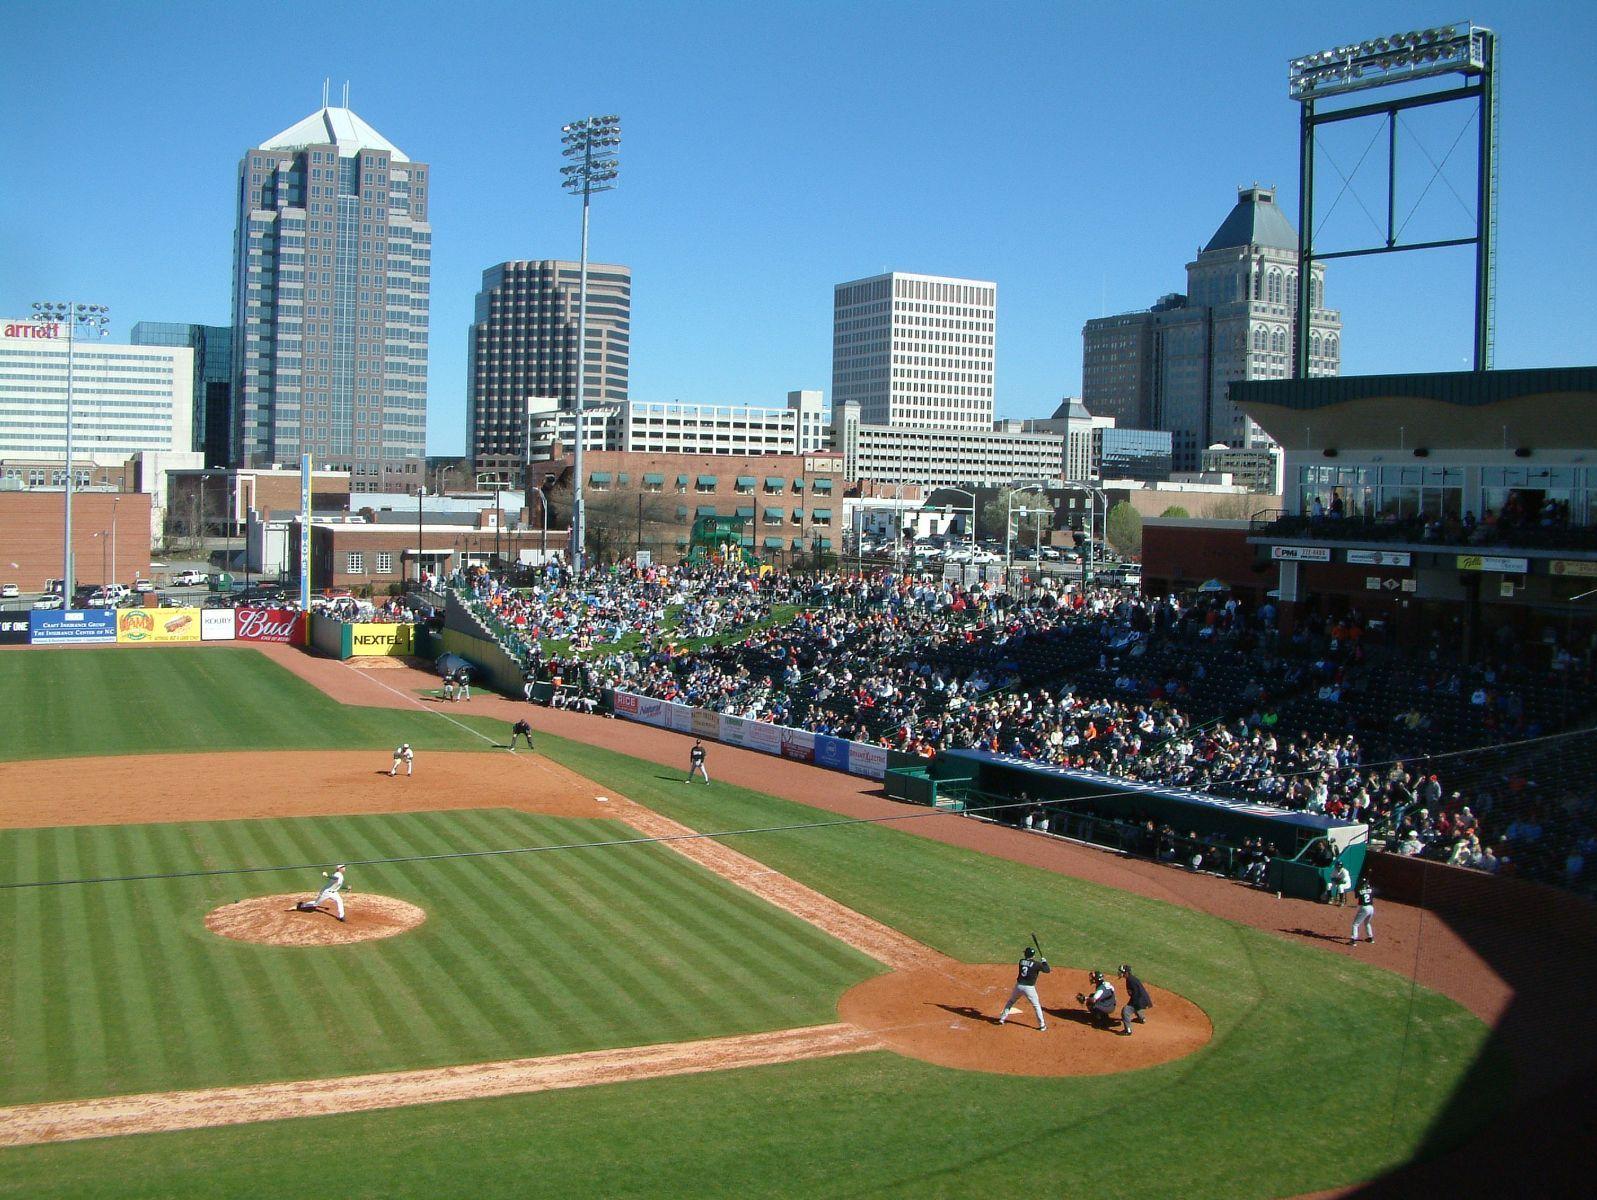 The Greensboro Grasshoppers Are A Minor League Baseball Team In Greensboro North Carolina 408 Bellemeade Greensboro North Carolina North Carolina Greensboro